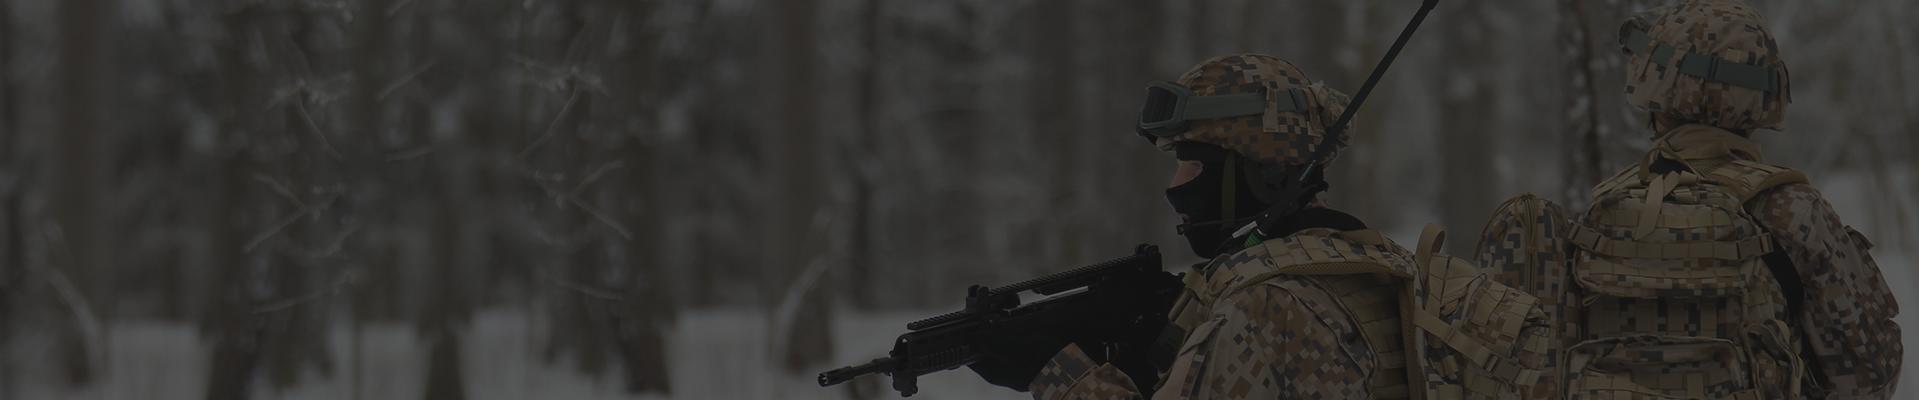 Bulletproof Equipment